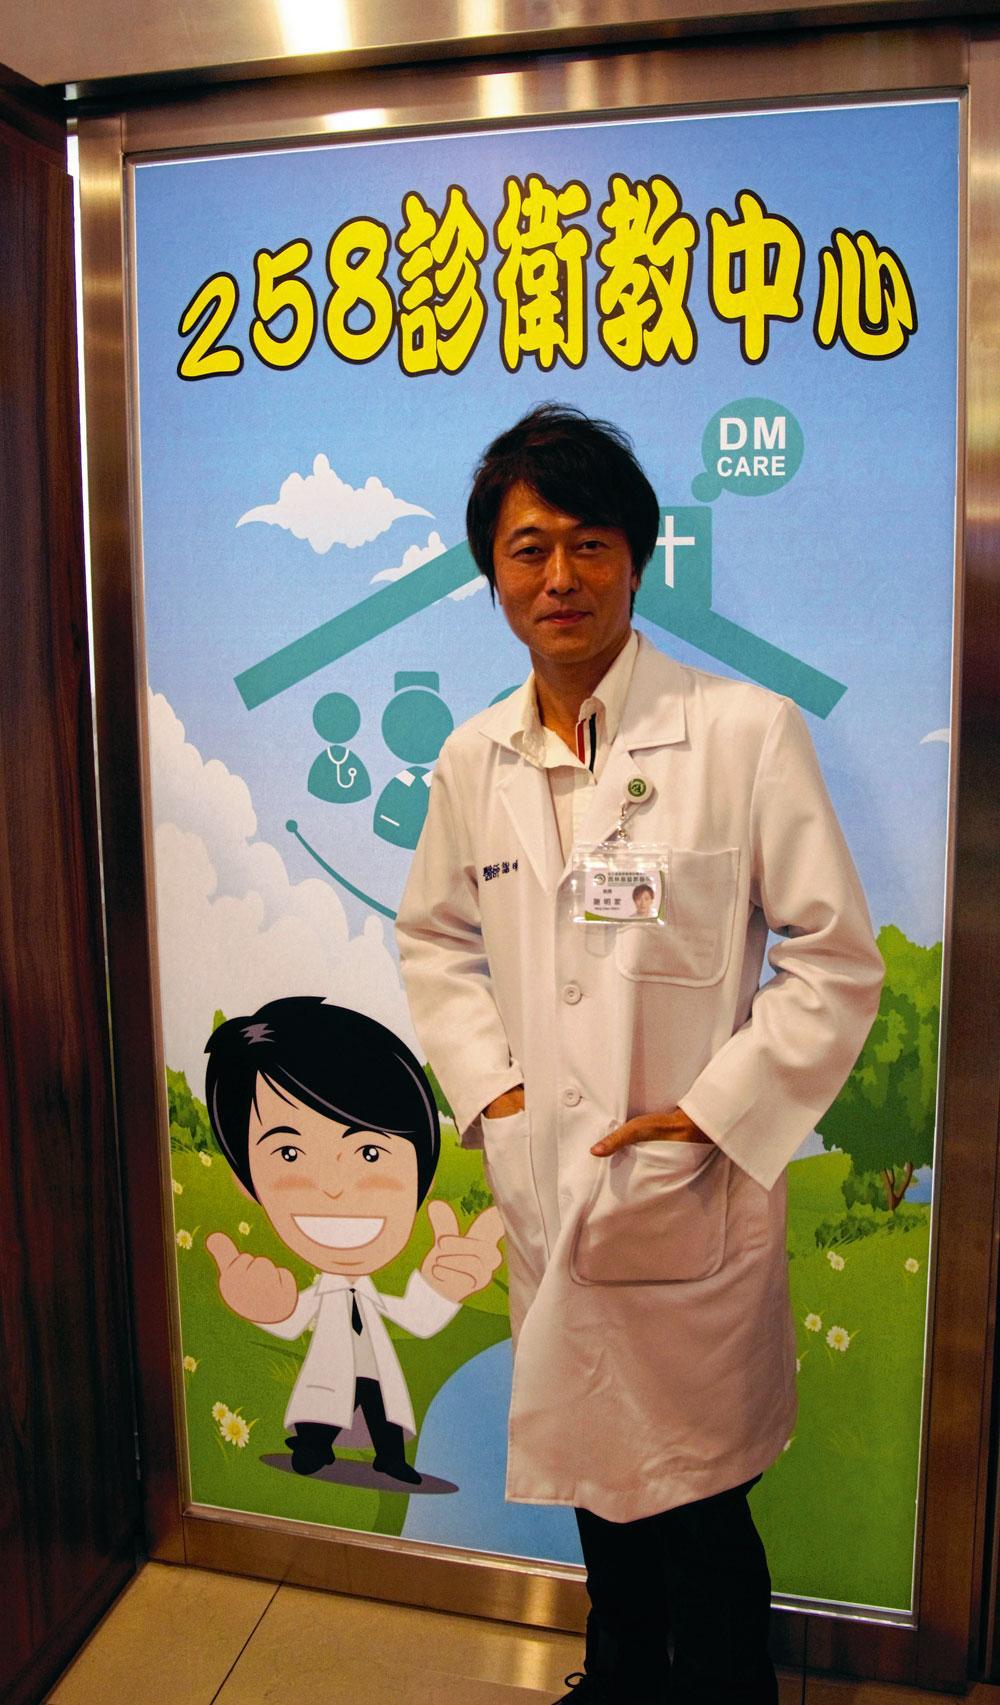 Le Dr Hsieh Mingchia à la porte du centre d'éducation sur le diabète de l'hôpital chrétien de Yuanlin, pose à côté de son propre personnage, dessiné en style chibi. Ce style graphique de dessin manga n'est pas le seul point commun entre le Japon et Taïwan.